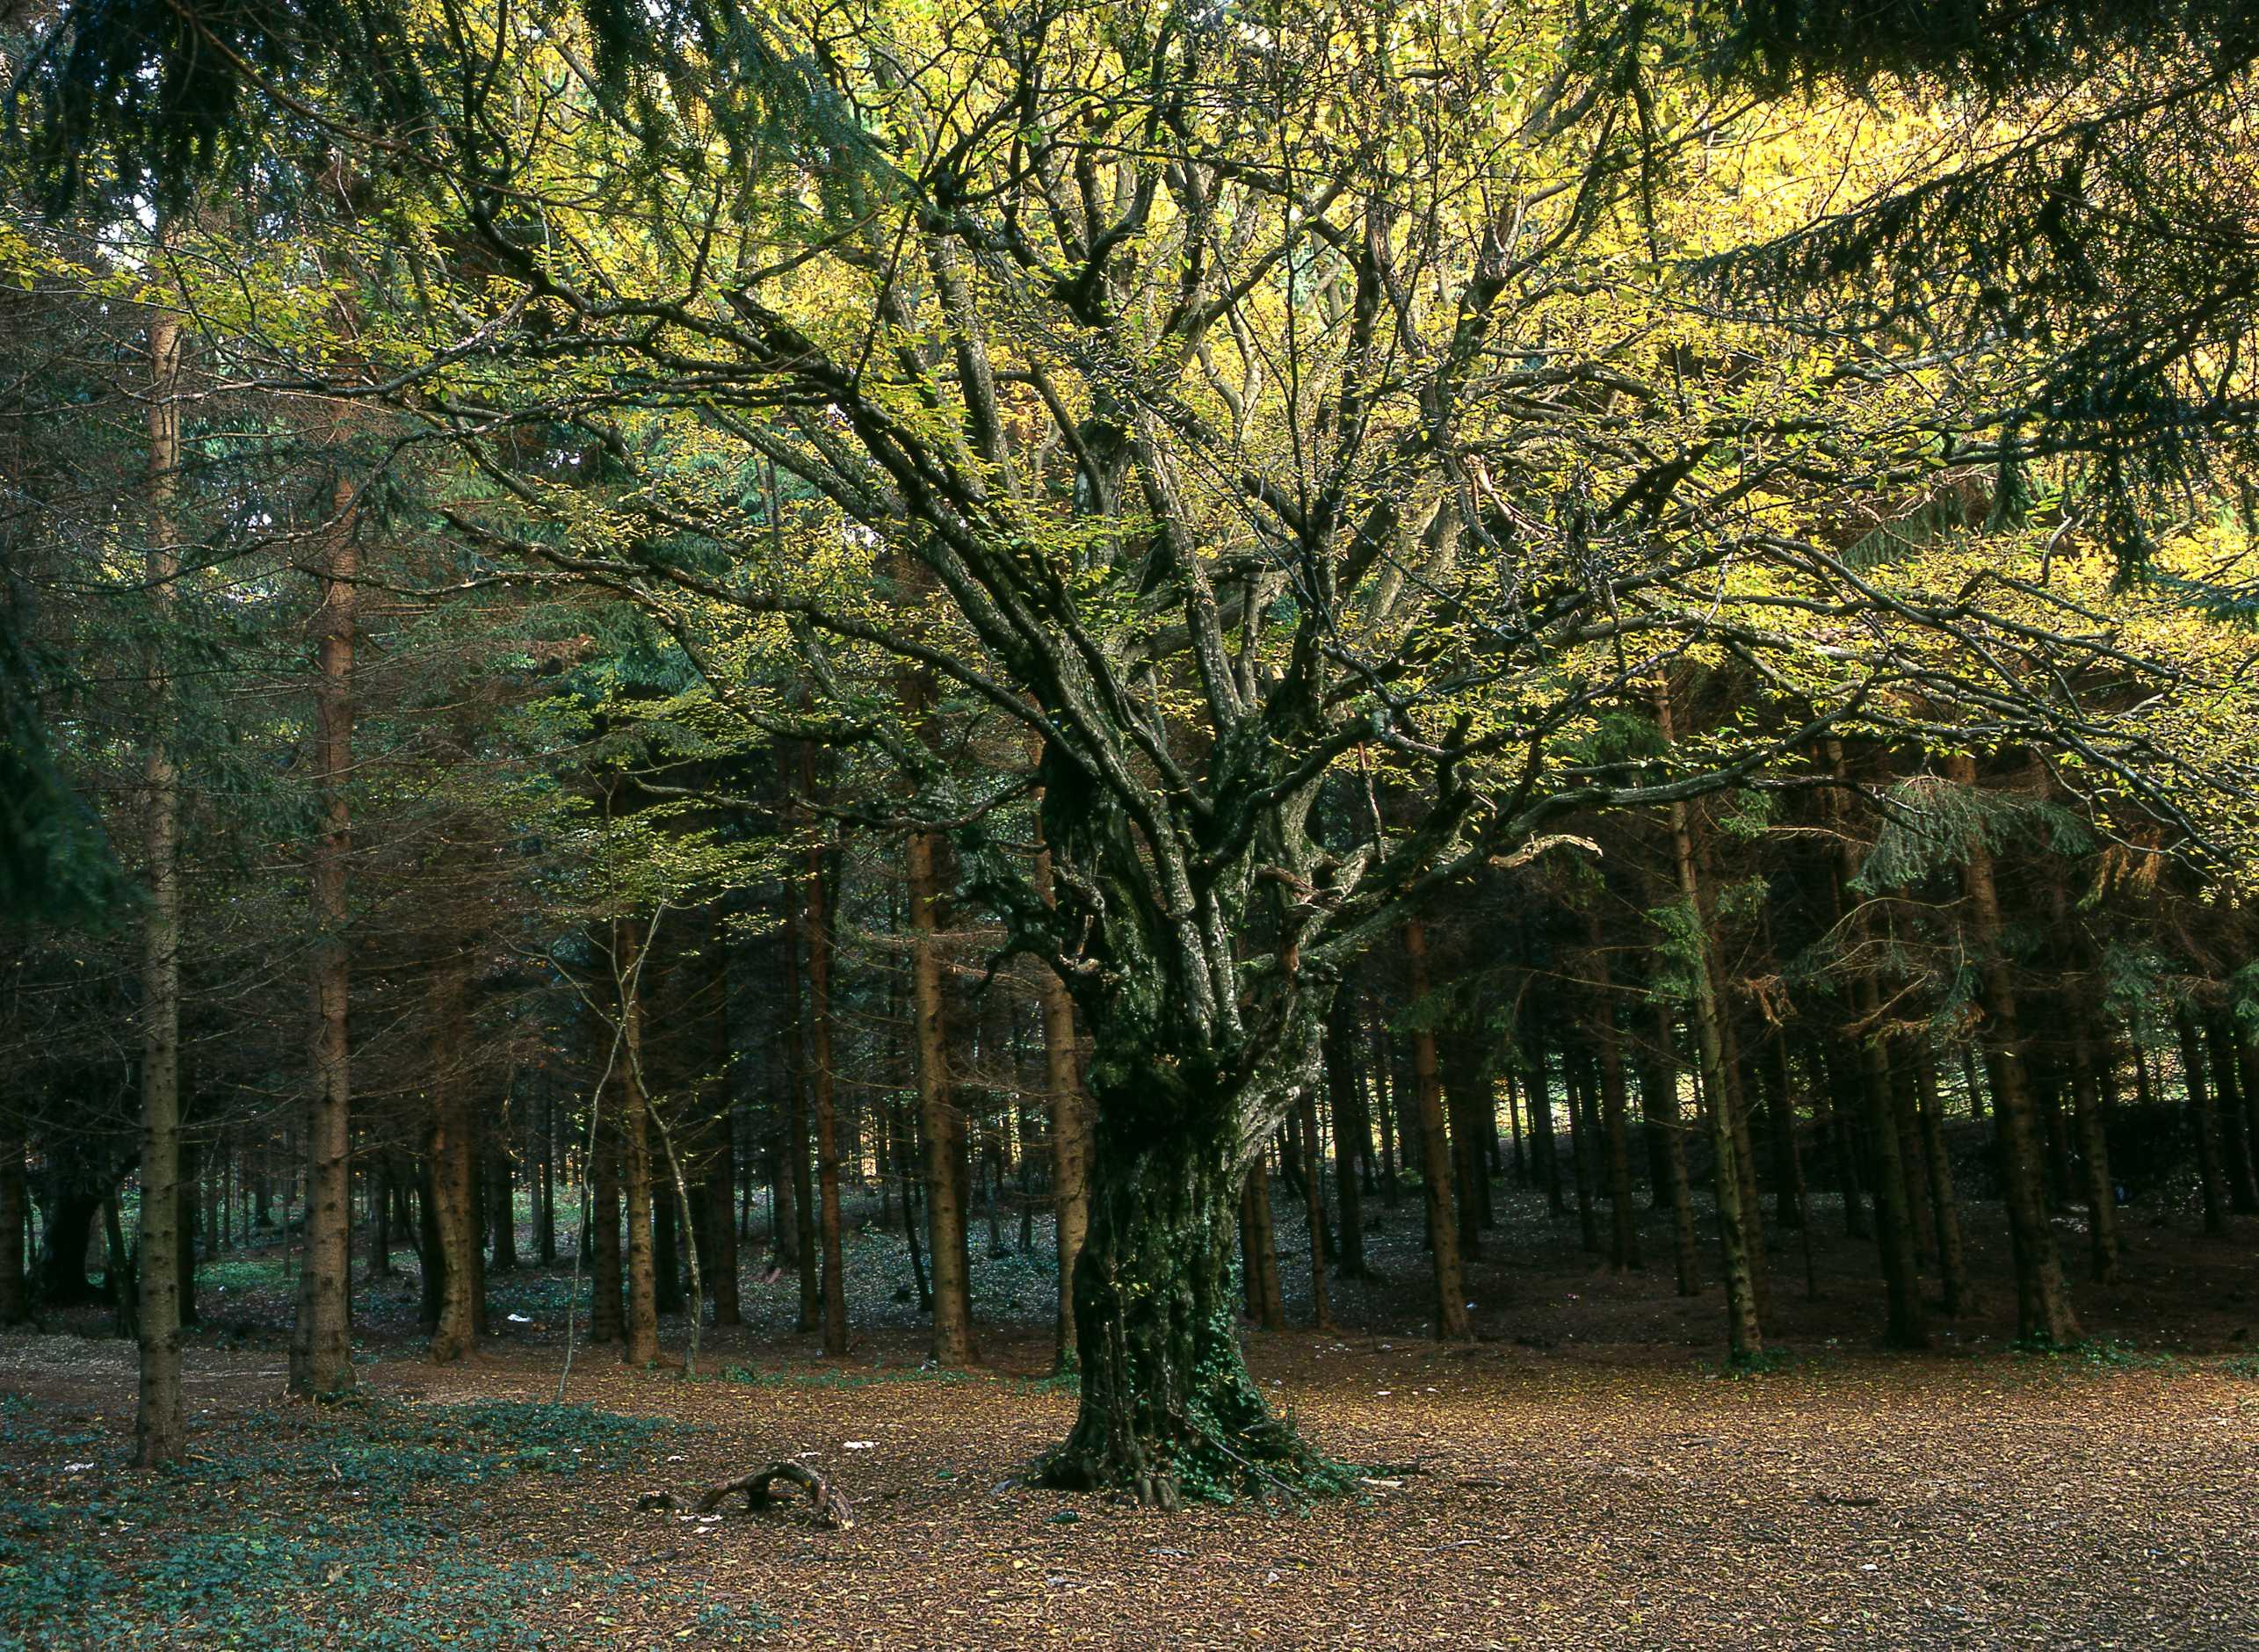 tree-in-forest.jpg